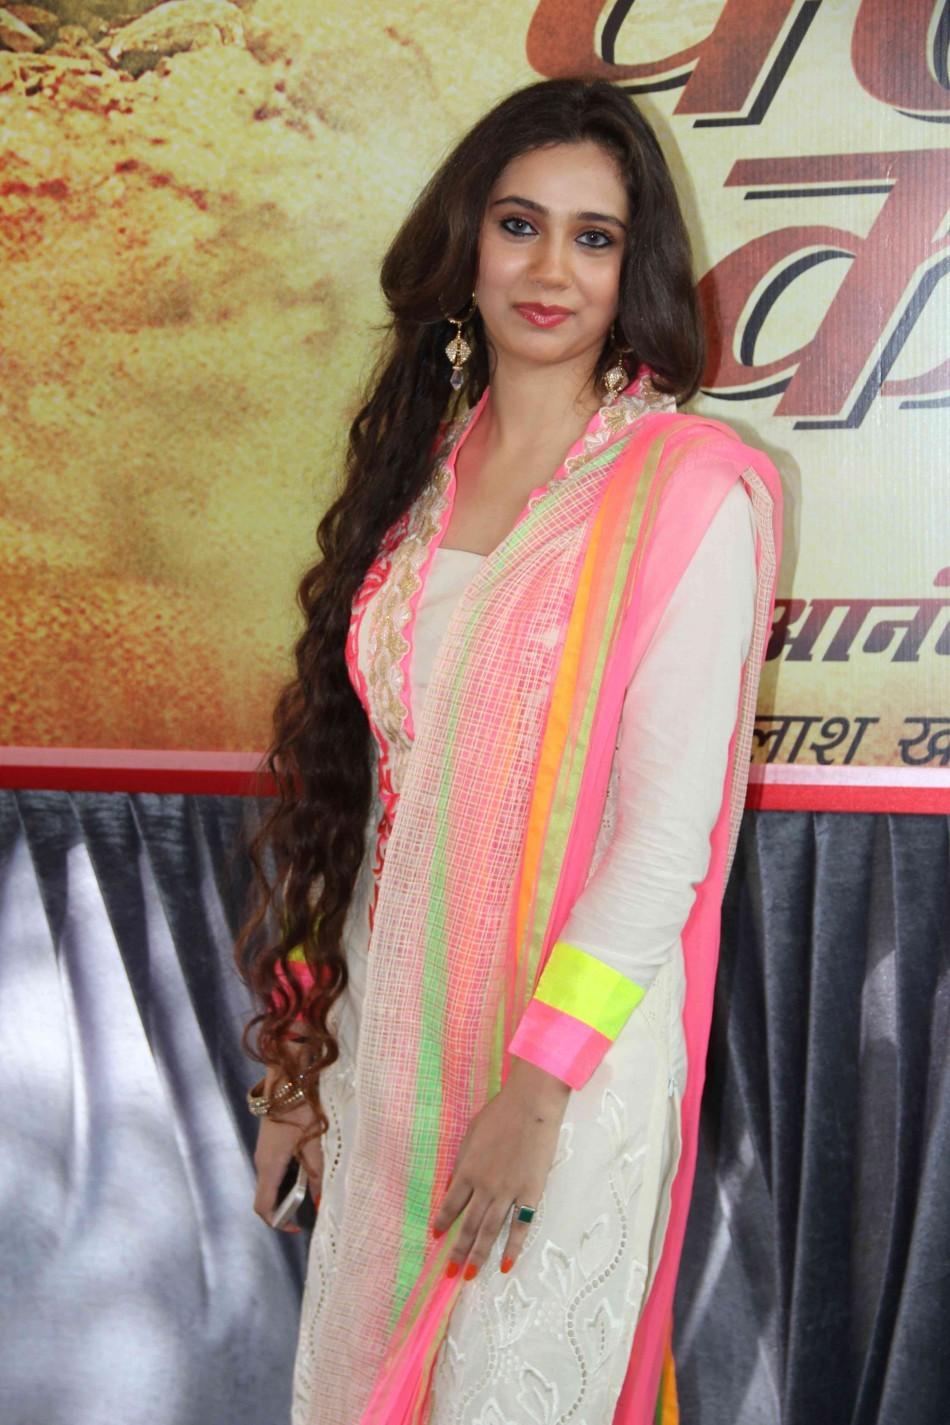 Sahsa Agha